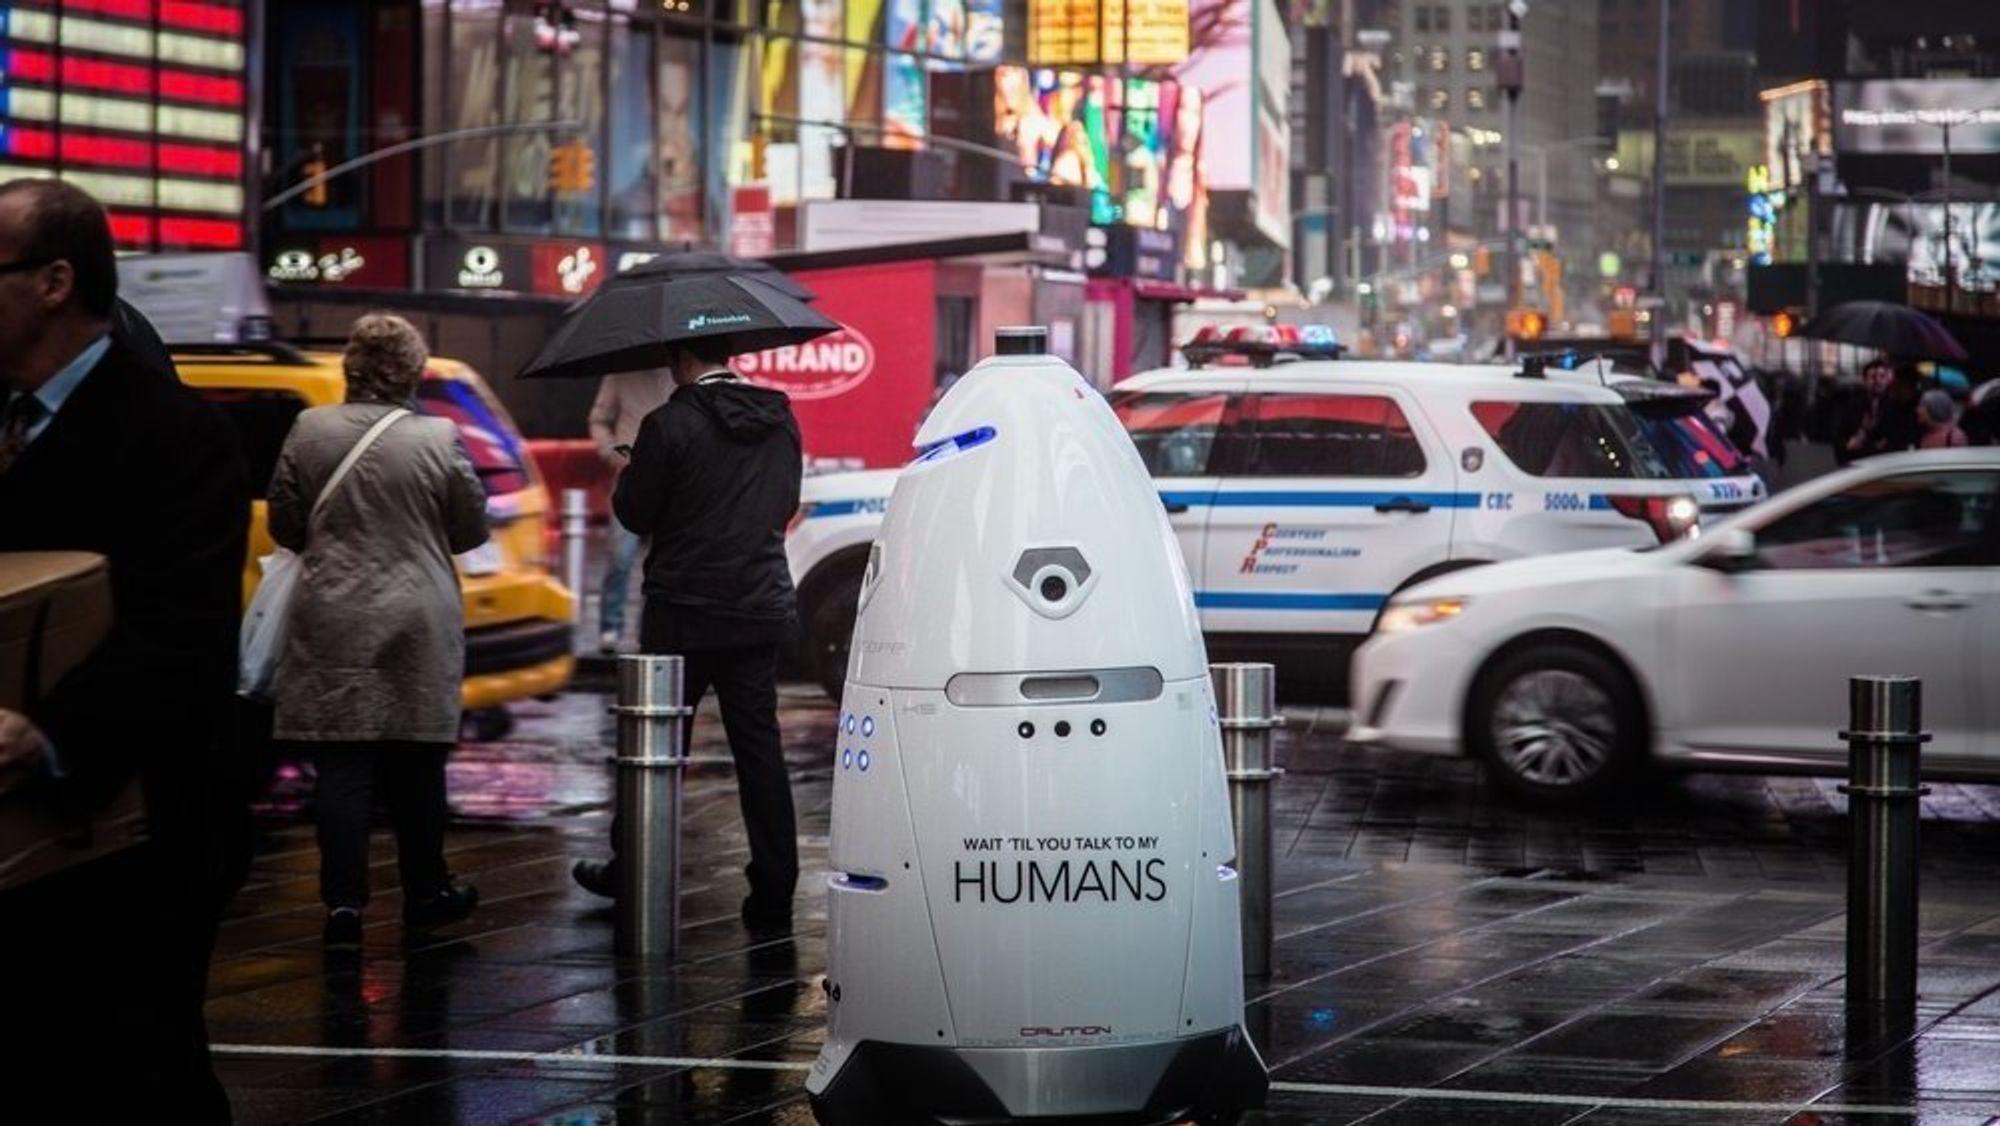 Roboten K5 brukes til vakttjenester. SF SPCA brukte den til å holde hjemløse borte fra gaten utenfor deres kontorbygg.